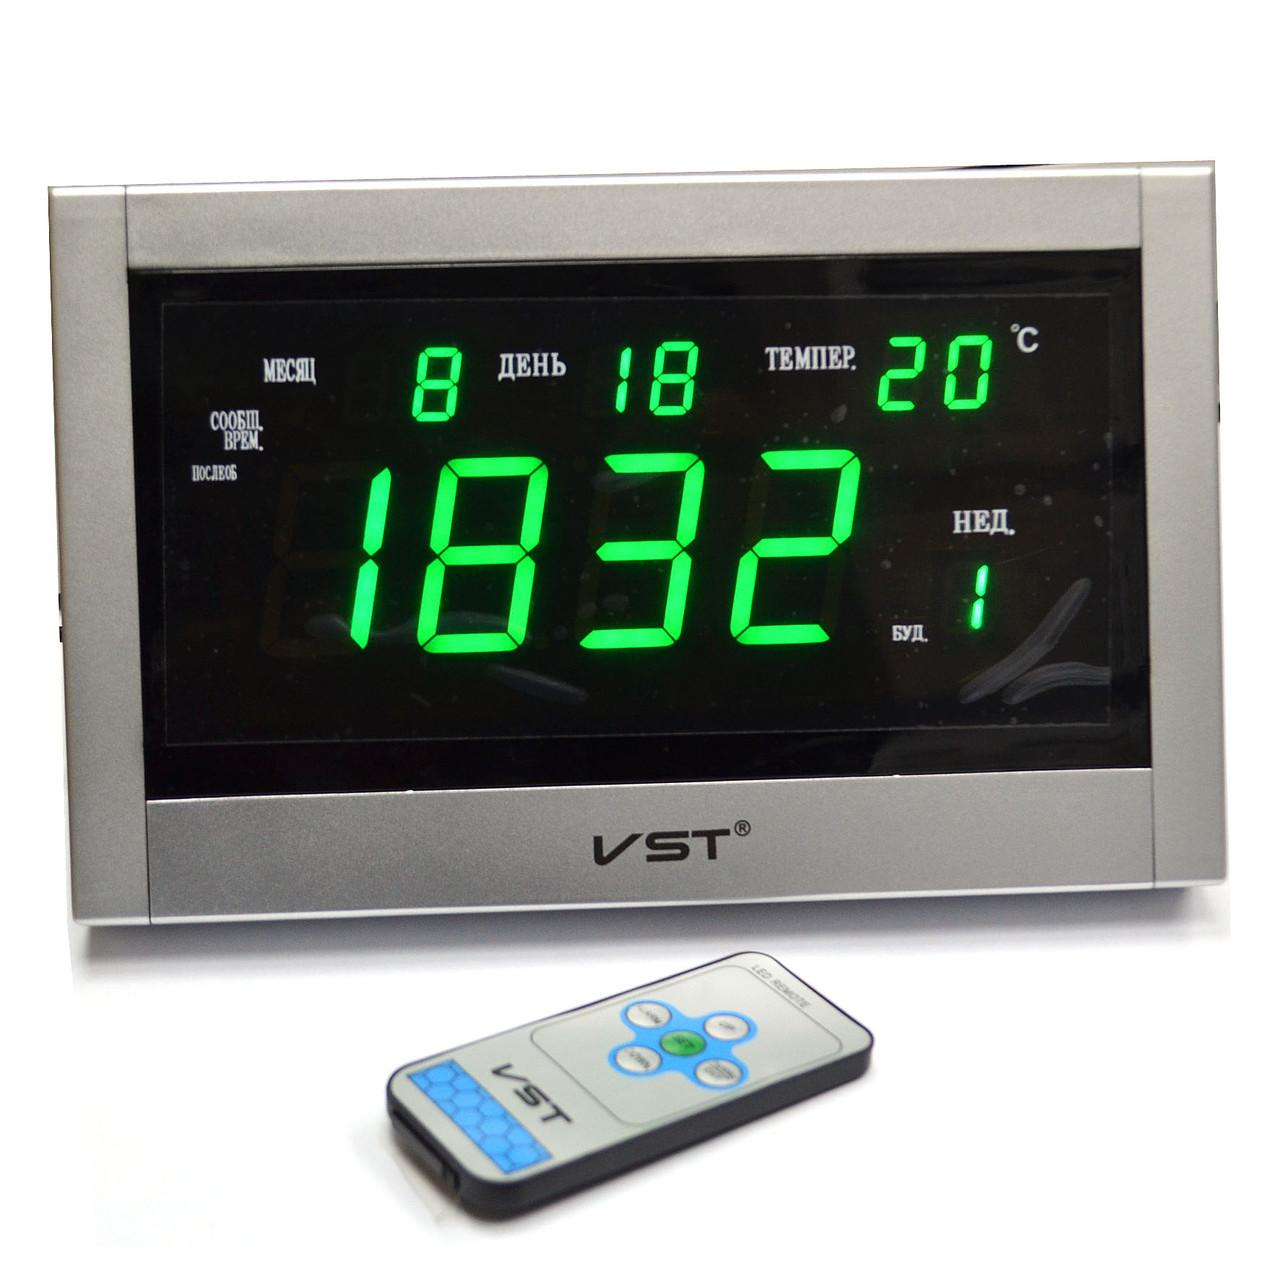 Говорящие сетевые часы VST 771 Т-4 — Настольное и настенное крепление